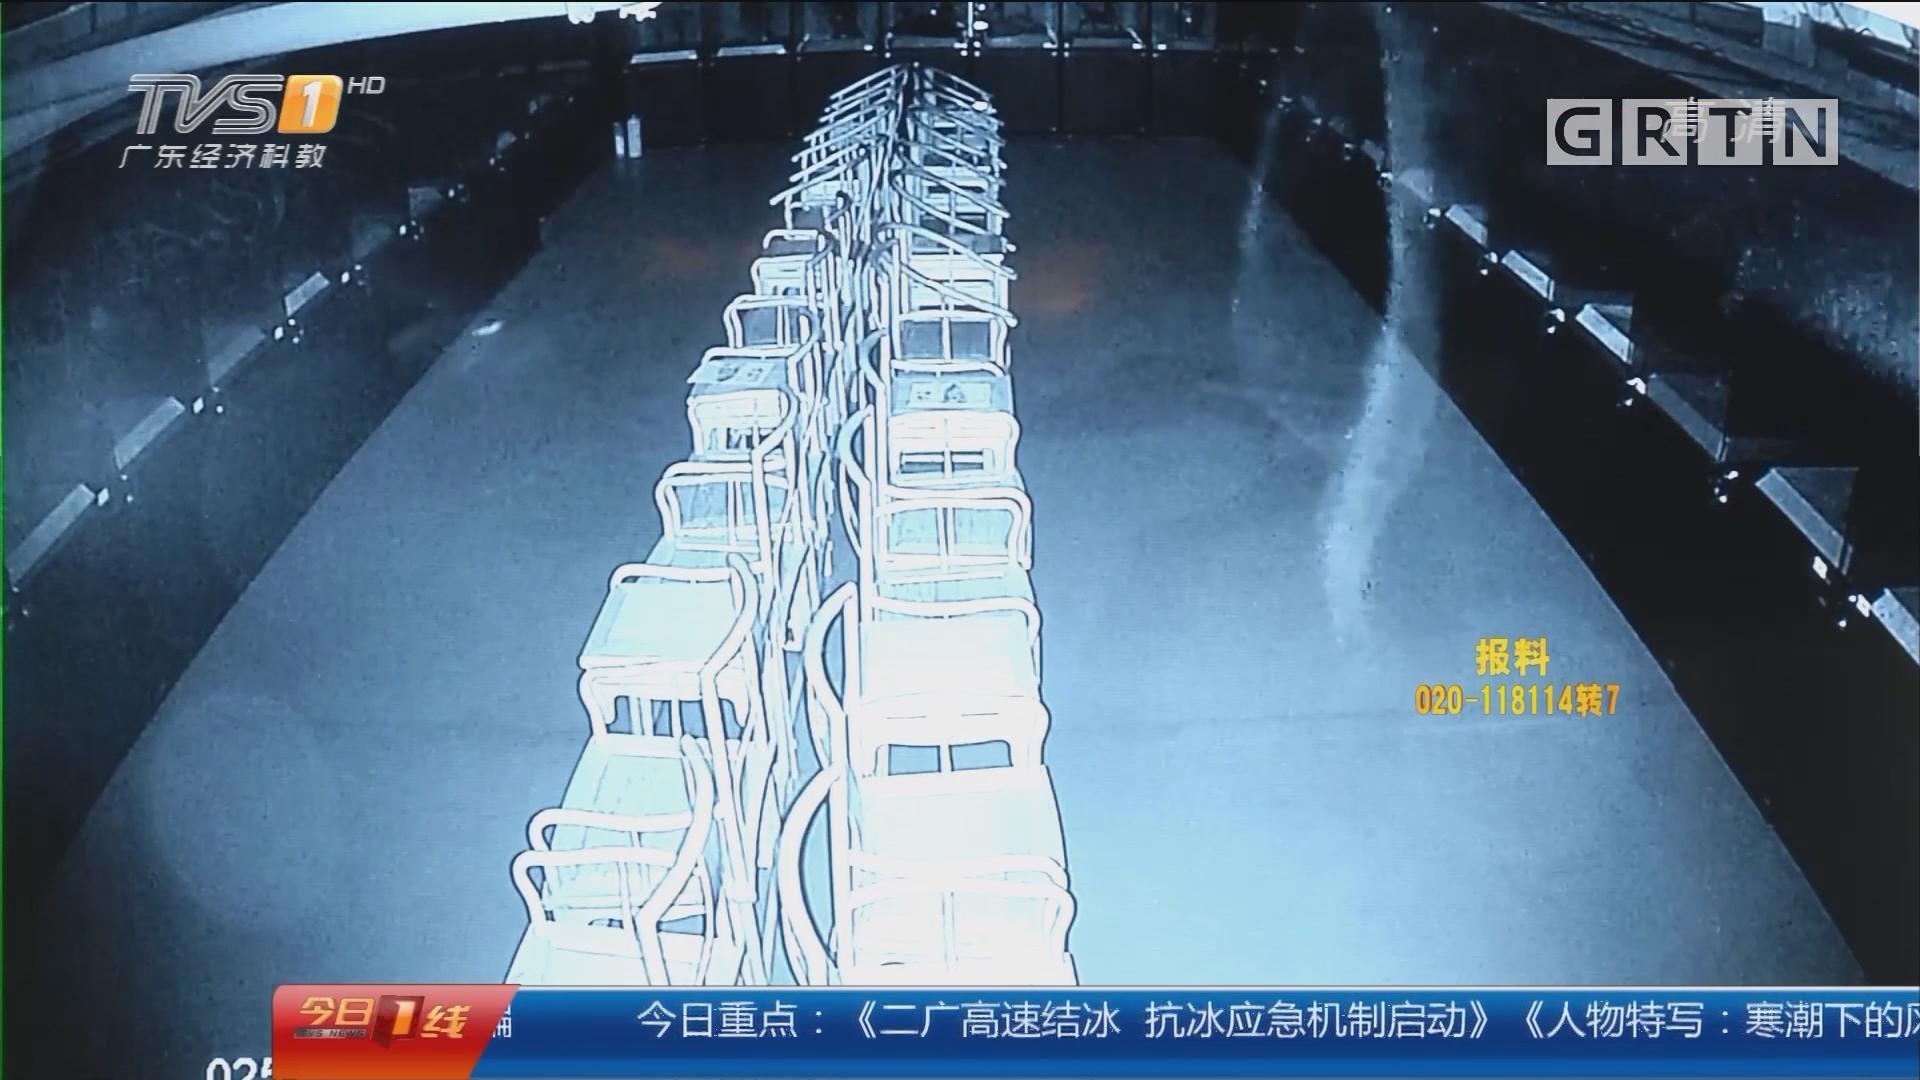 深圳:怪诞! 私人博物馆接连拍下不明漂浮物